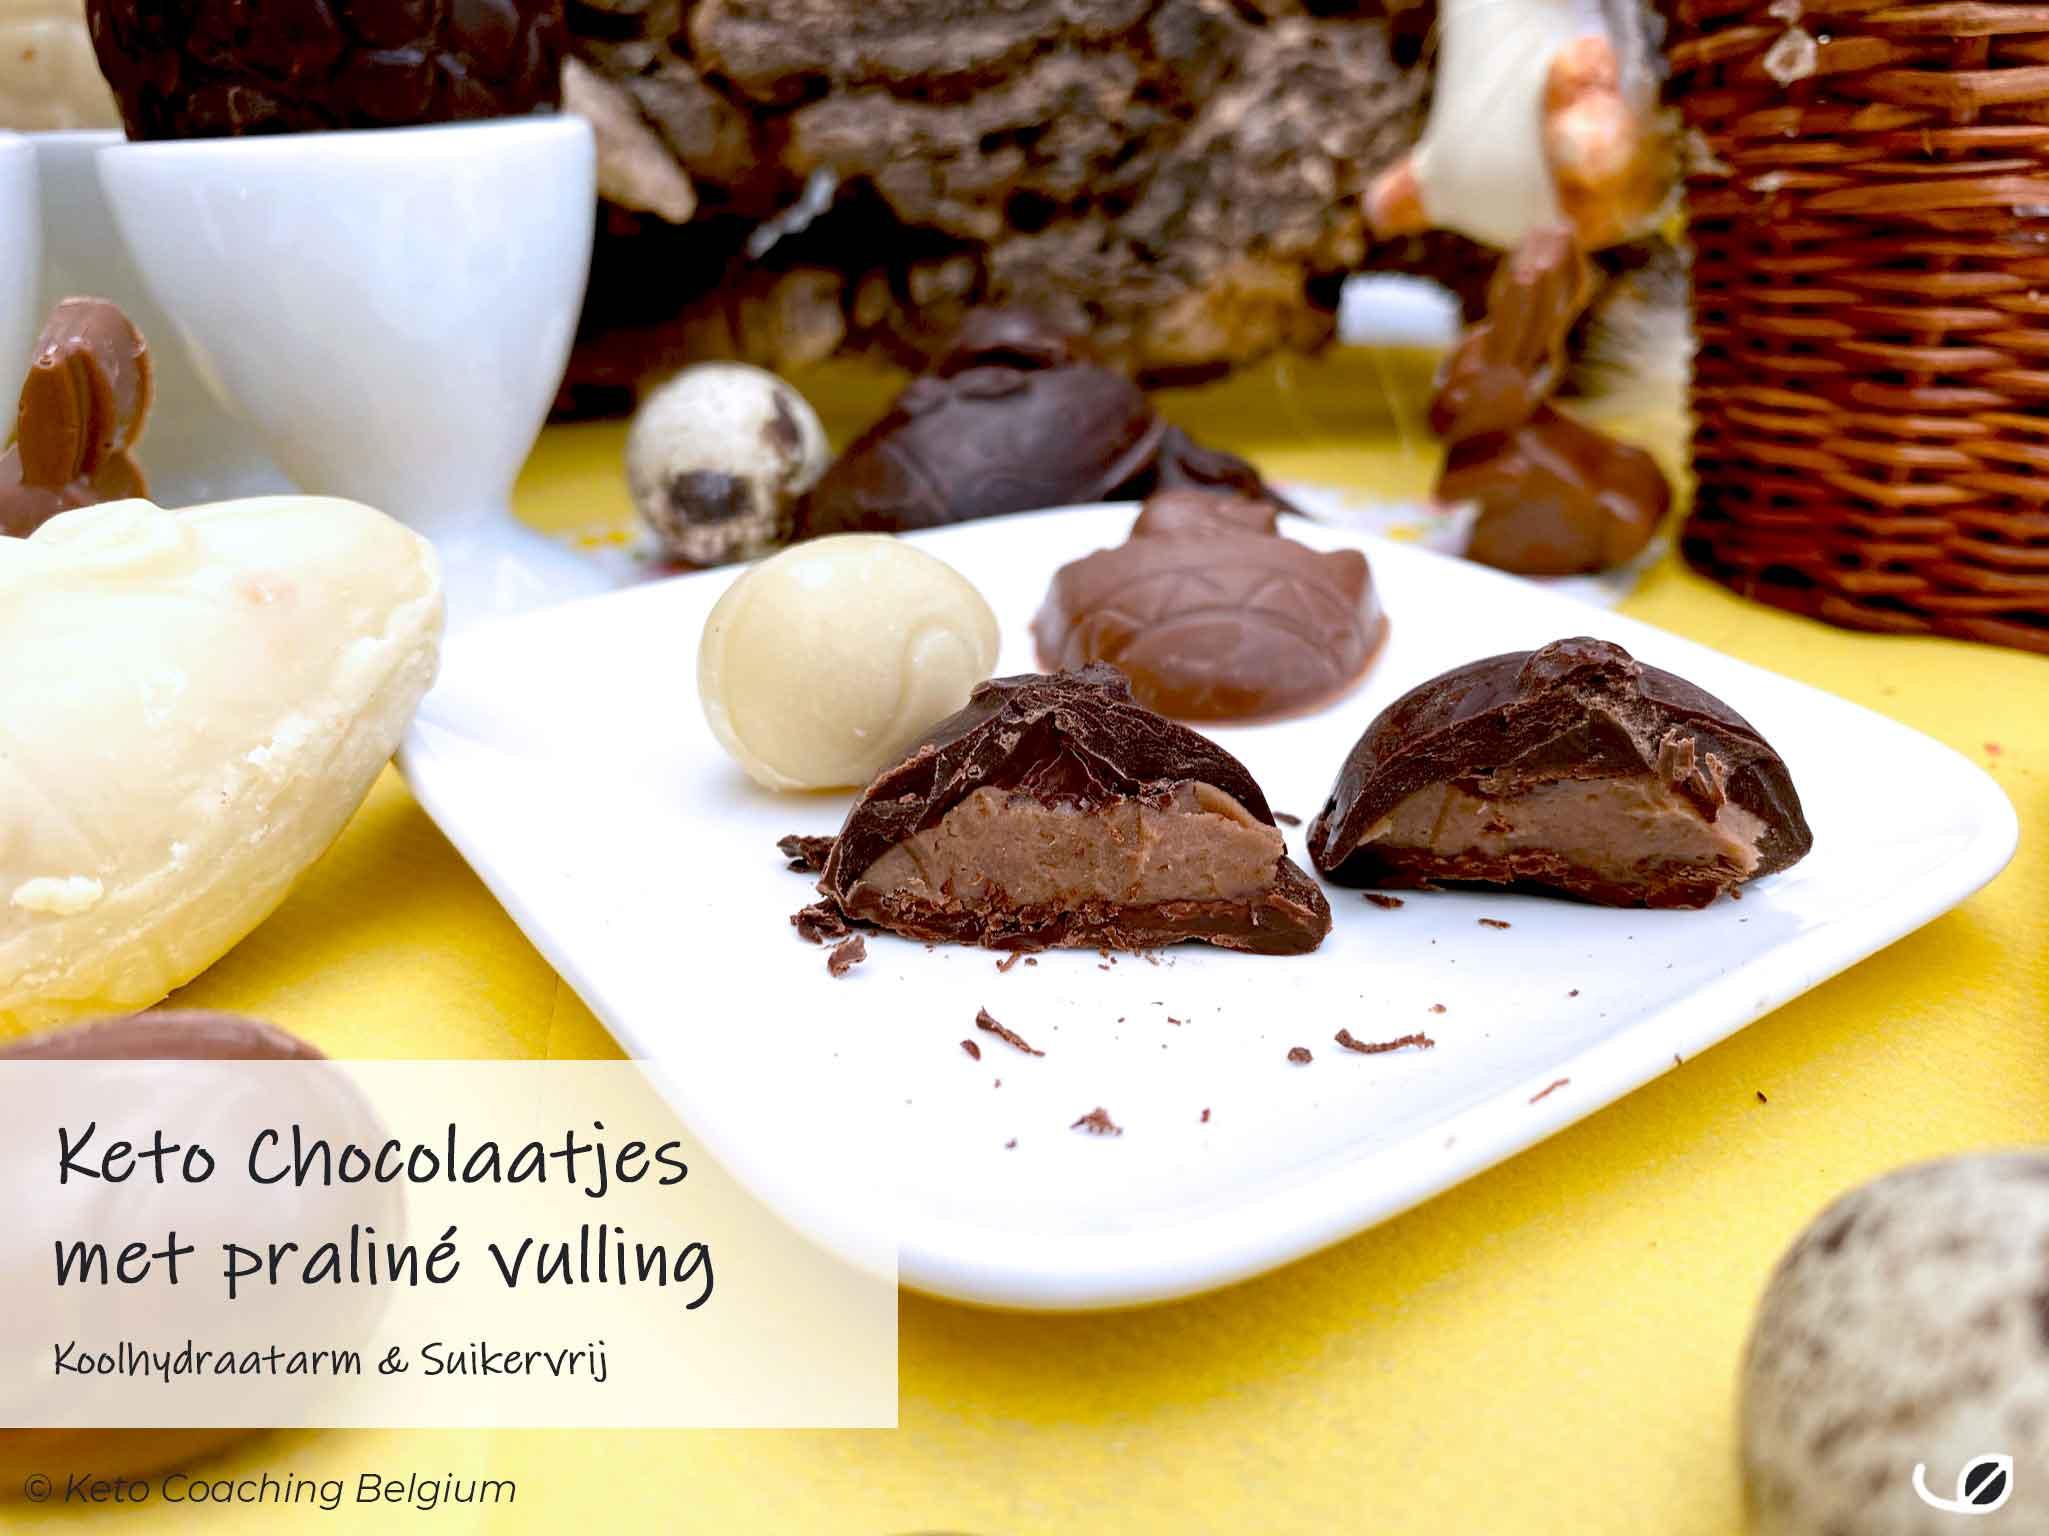 Keto paaseitjes met suikervrije praliné vulling detail recept